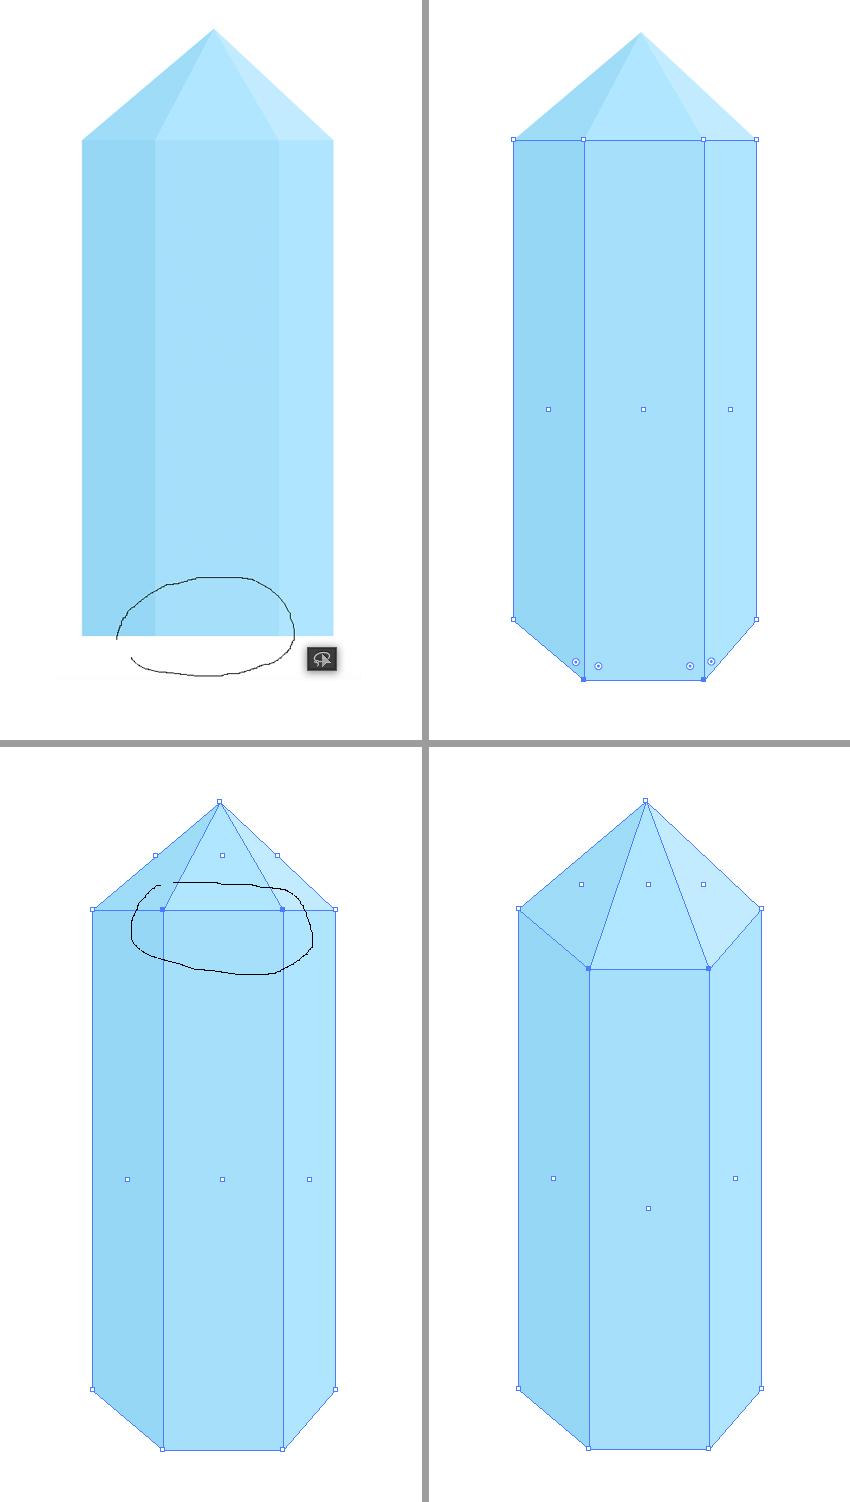 3)画一条直线,然后改变中间那个东东。  4)给羽毛加些小细节。画两个矩形,旋转45°。然后剪切蒙版也好,shift+m(形状生成器工具)也好,做出我们想要的效果就好。然后加背景和投影。   step 5:画一个矿石。 1)画一个10*40px的蓝色矩形,然后复制两个,改变颜色。  2)将三个矩形复制,颜色也改下。缩短高度,然后选各种它们上面的点,水平居中对齐。  3)接下来我们就来打造出矿石的外形。主要用到套索工具。(主要就是框选出那些点,然后移动)